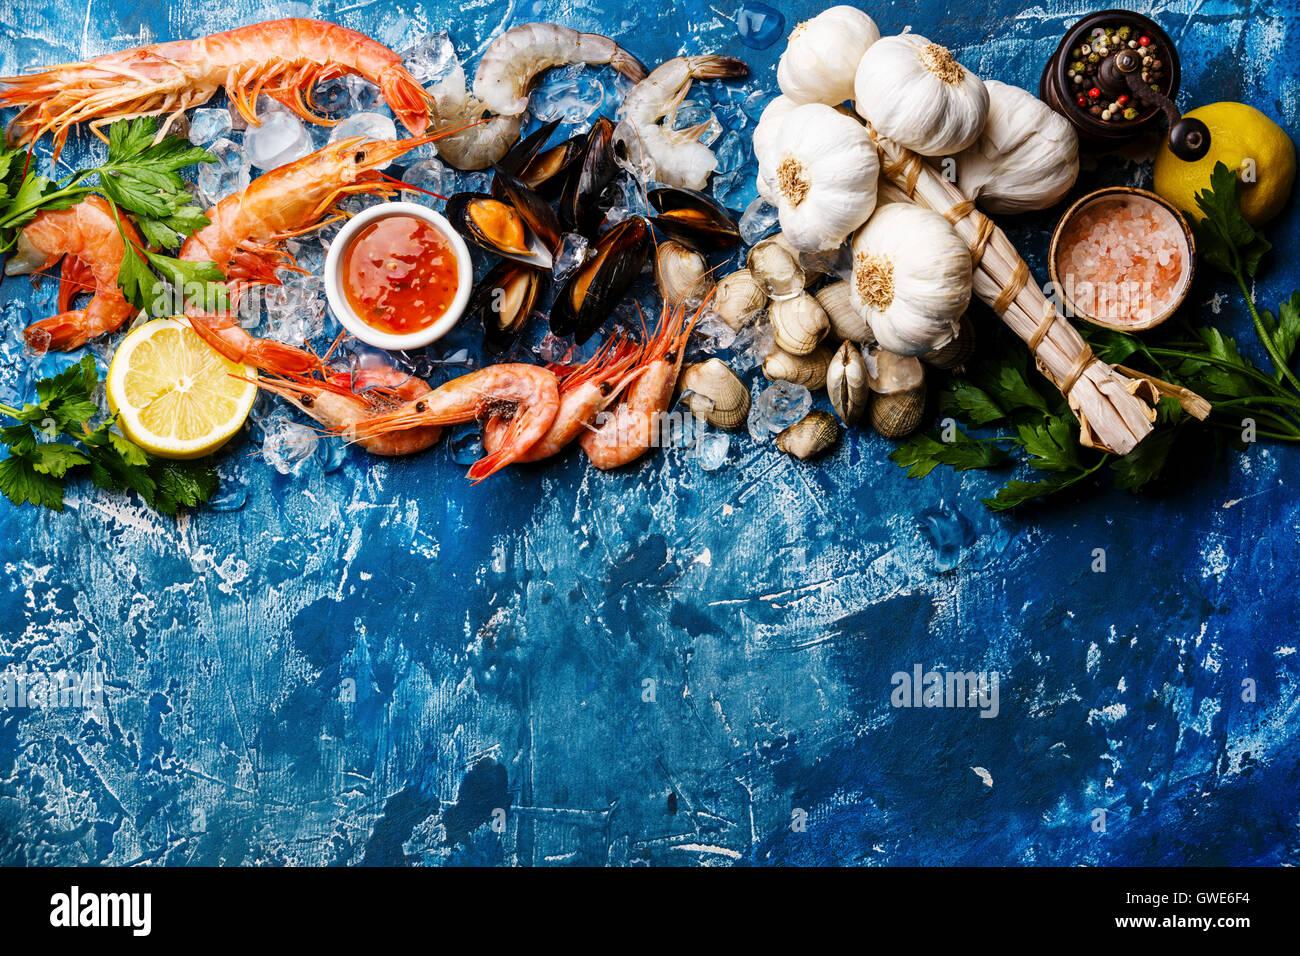 Meeresfrüchte kopieren Raum Hintergrund mit frischen rohen Garnelen, Muscheln, Muscheln, Vongole, Garnelen Stockbild